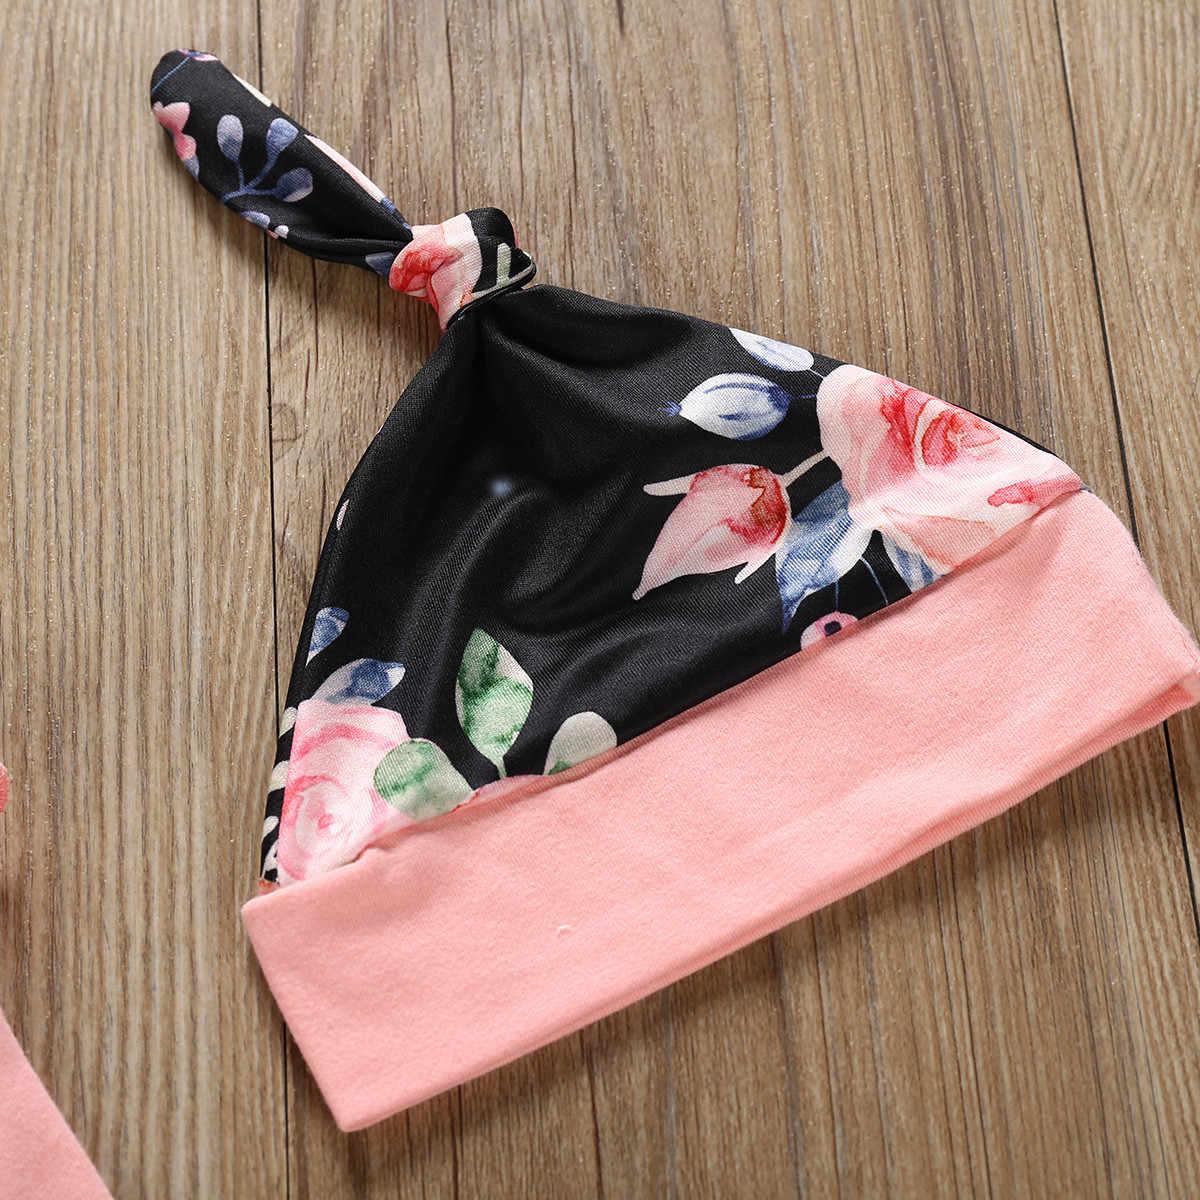 Yeni Sonbahar Bebek Kız Giysileri Setleri Bebek Yürüyor Yenidoğan Kıyafetler Mektup Romper + Baskı Pantolon + Kap Şapka seti babyborn roupa infantil